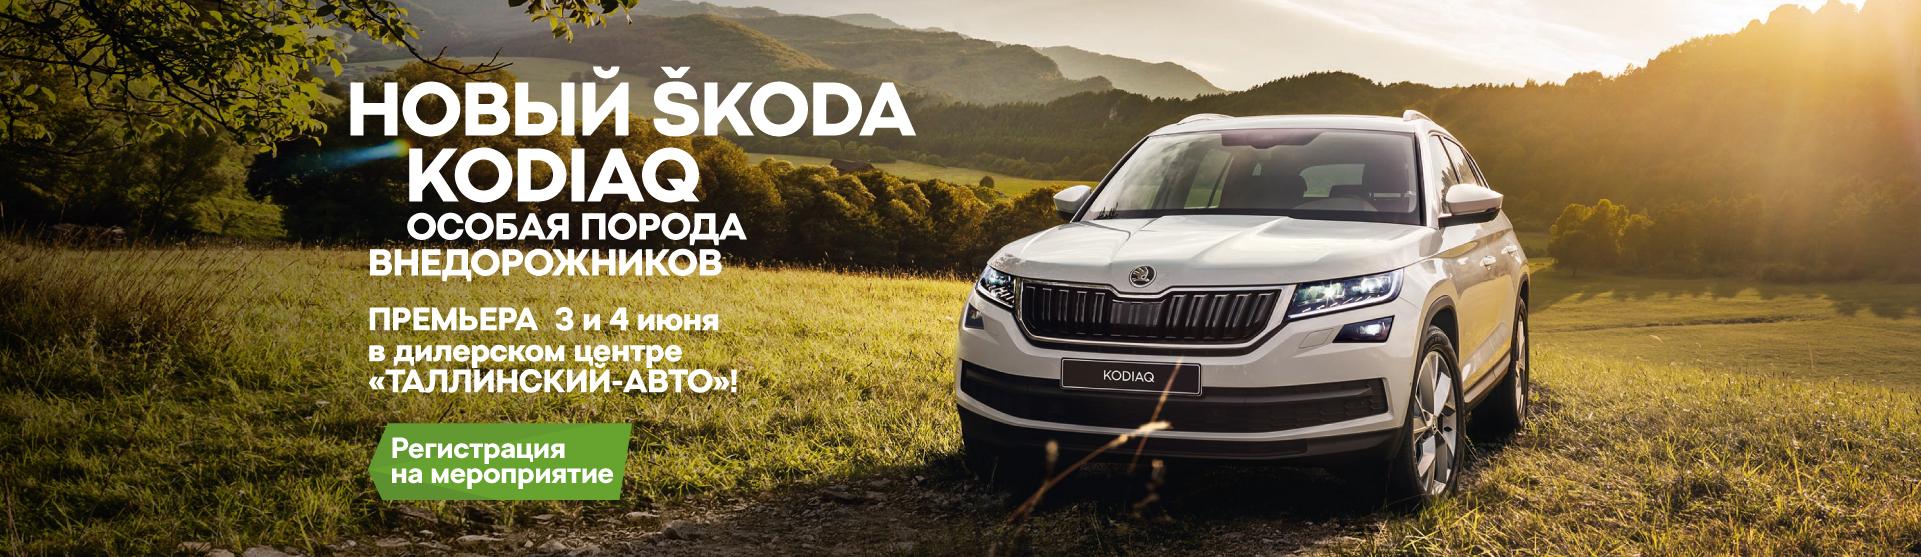 Приглашение на презентацию абсолютно нового Skoda Kodiaq